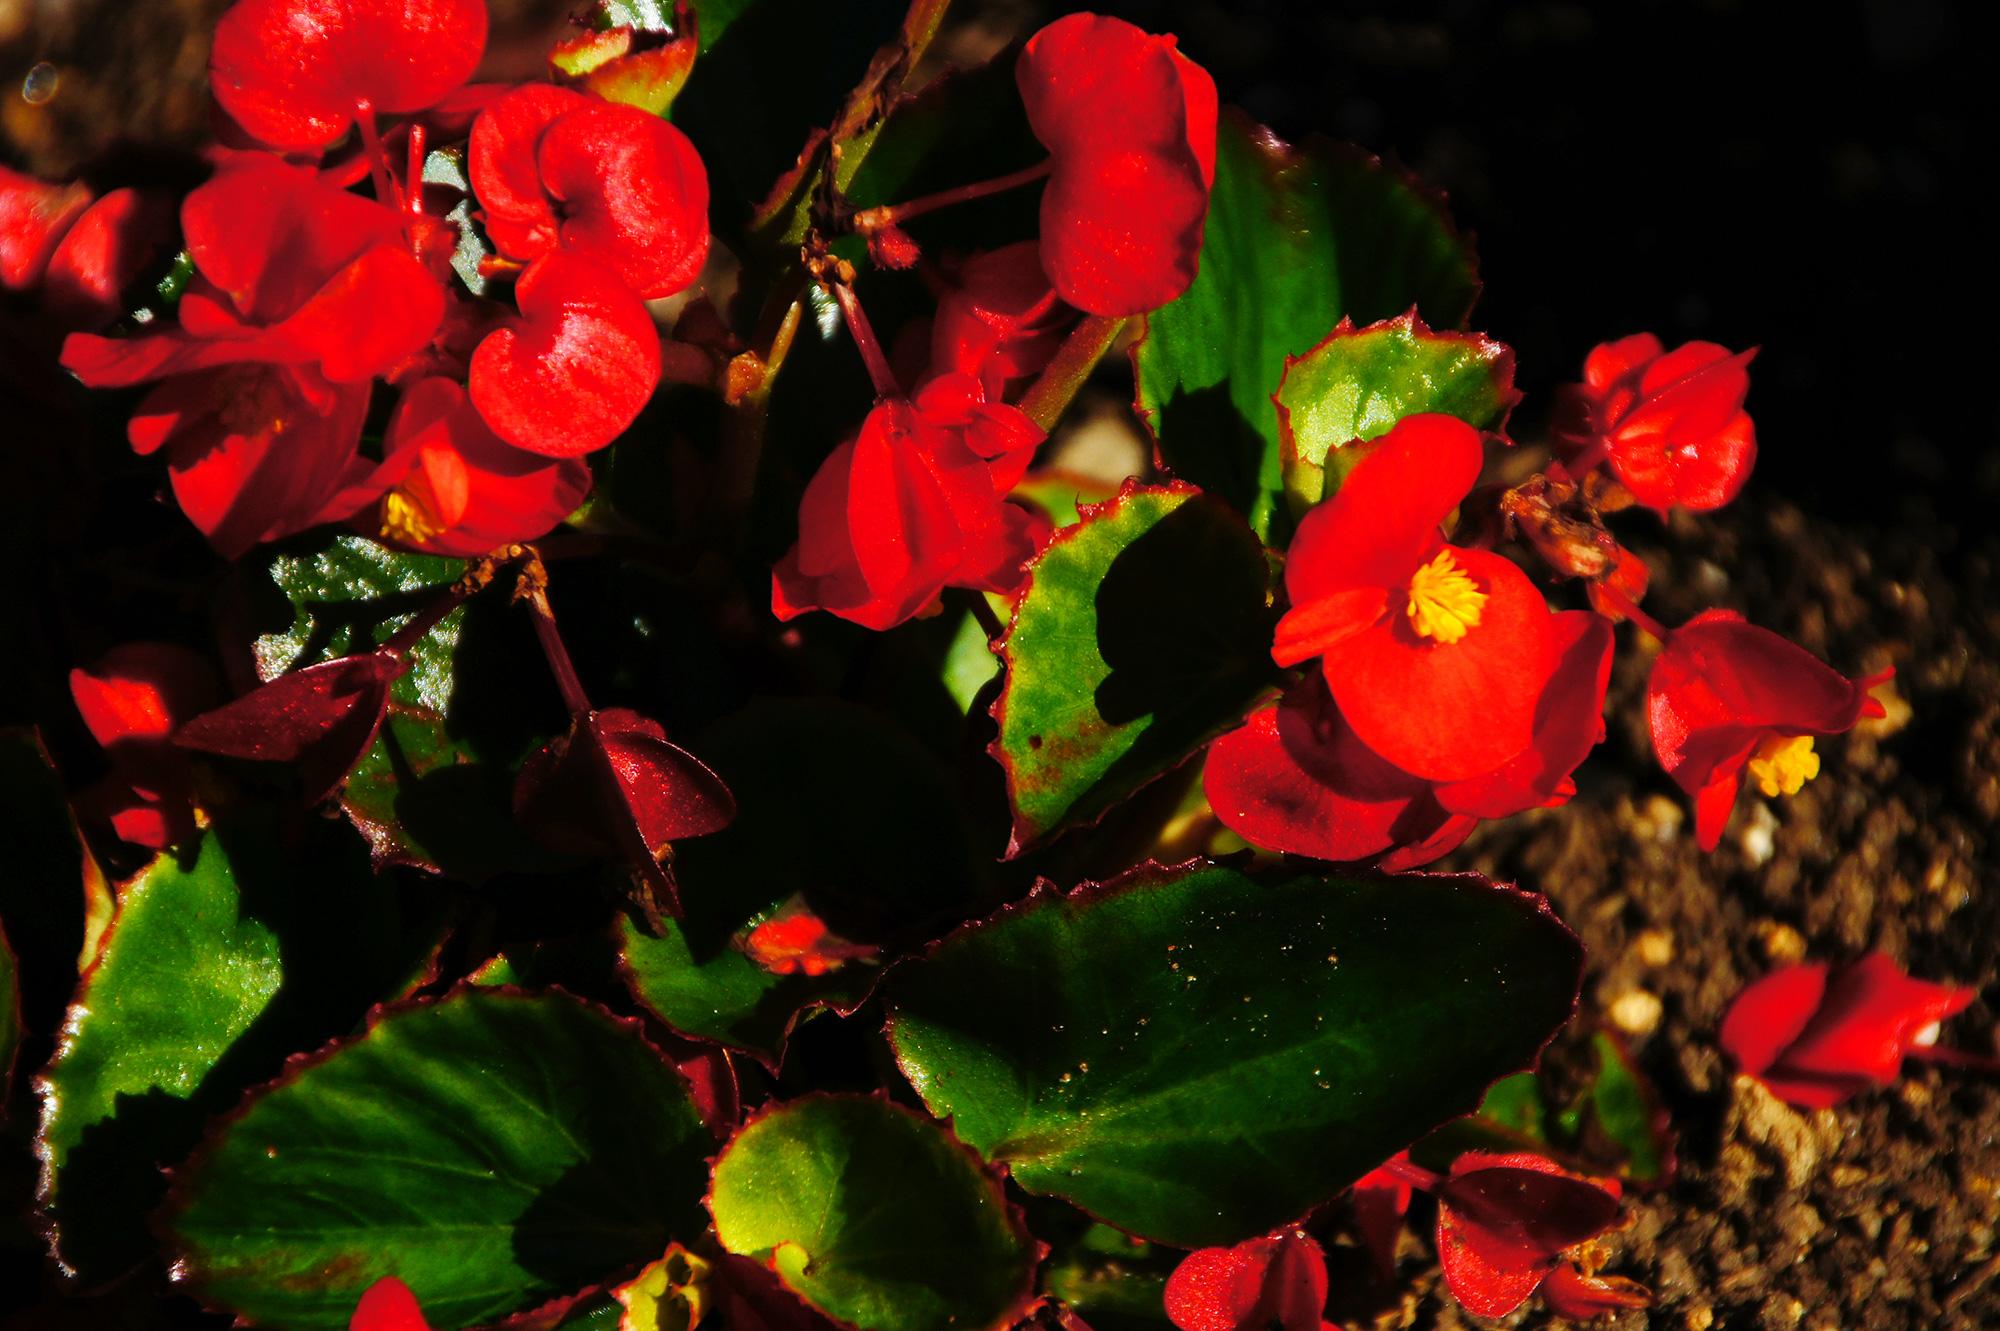 赤いベゴニアの写真素材(フリー)